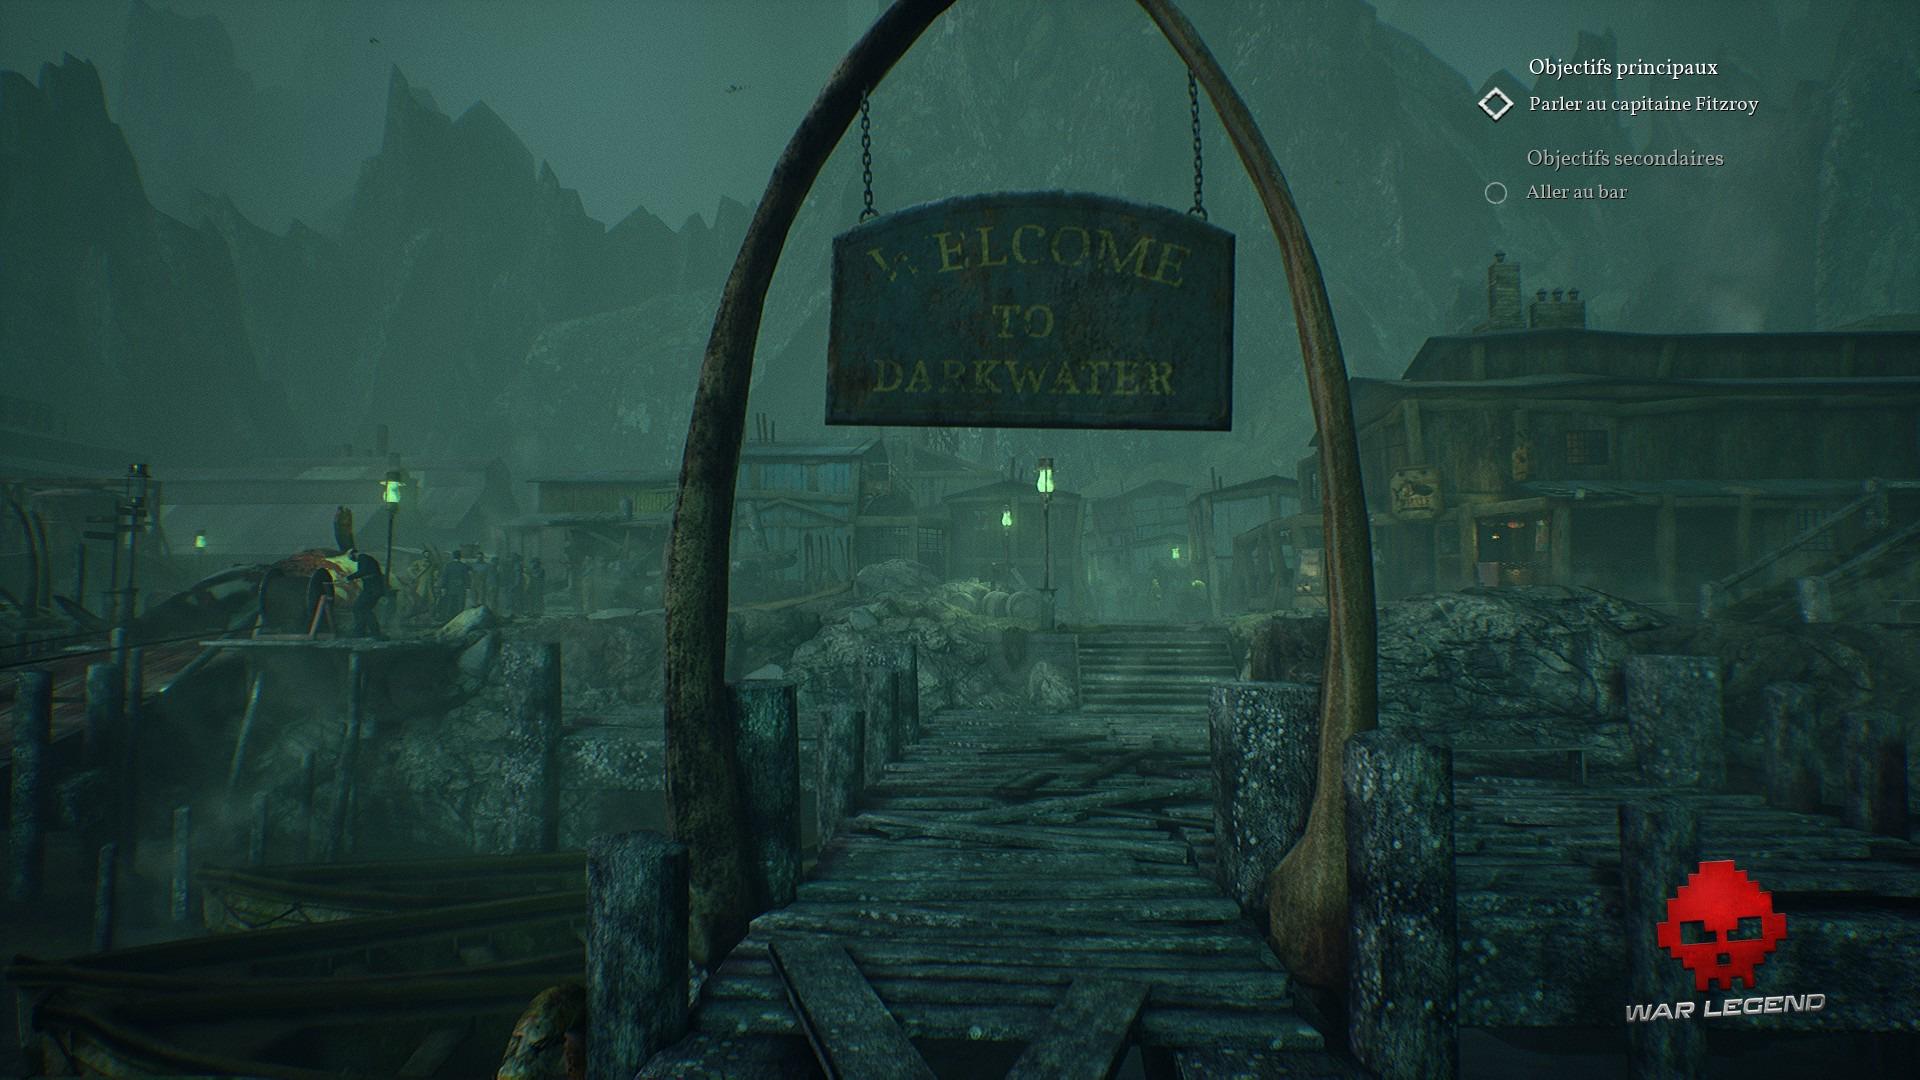 Bienvenue à Darkwater